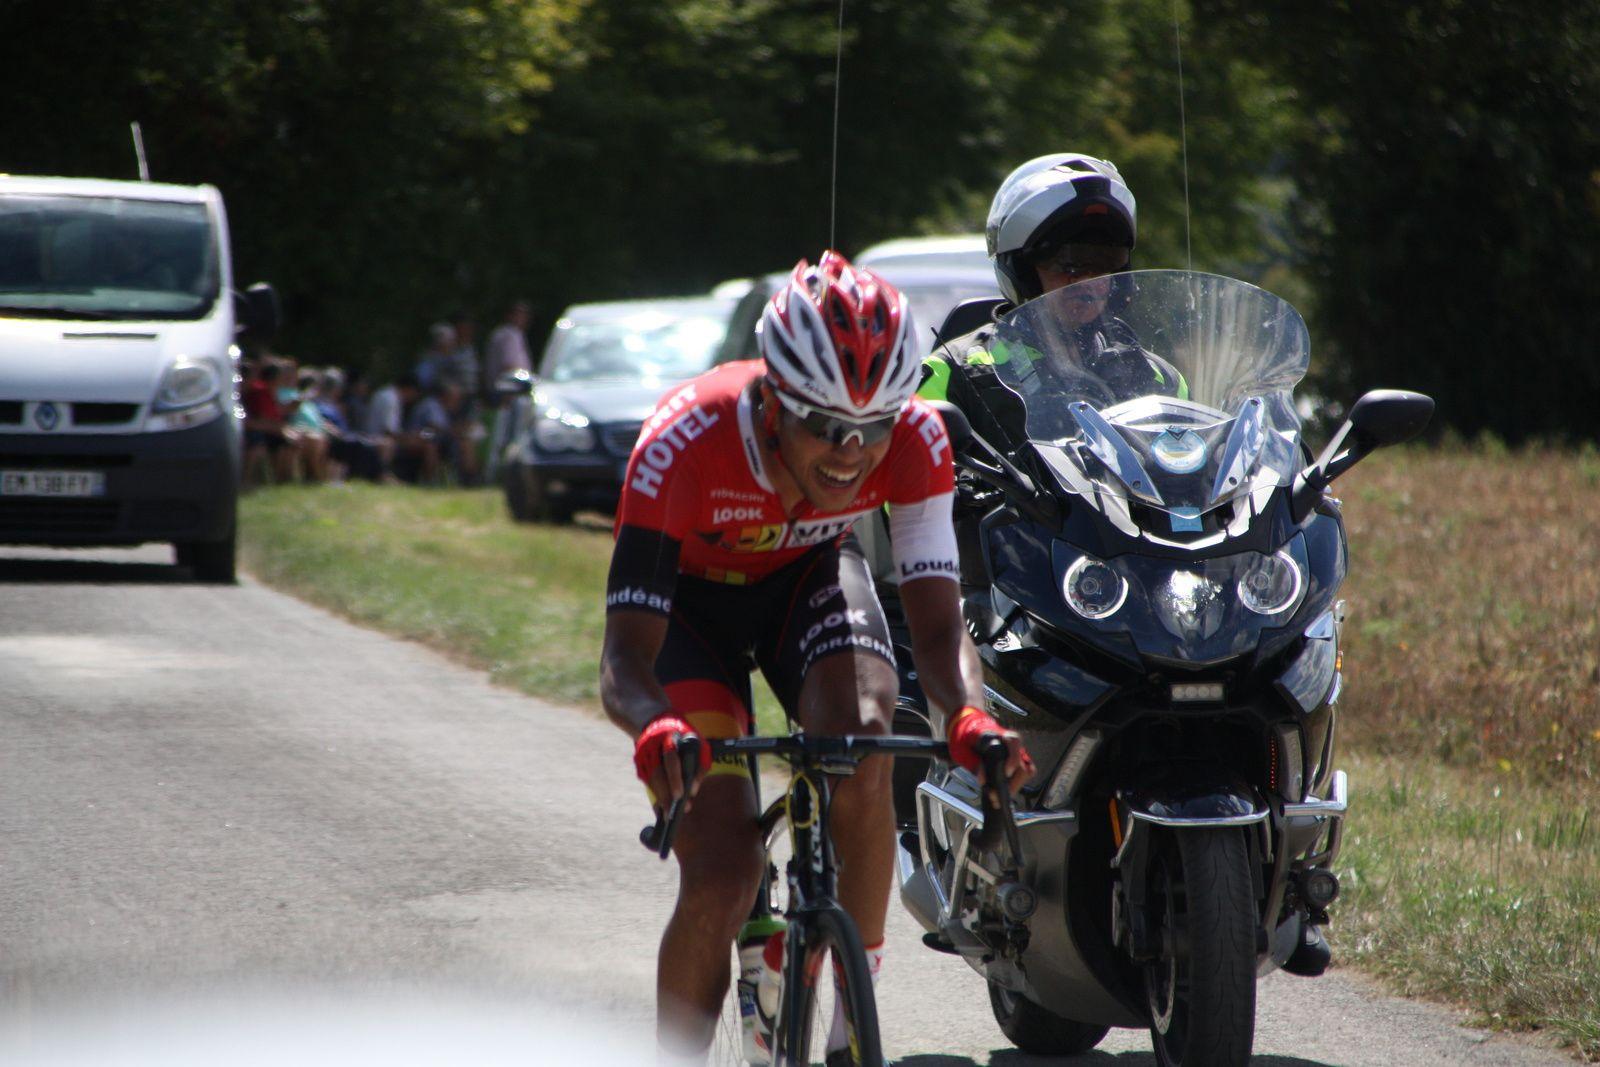 Ludovic  NADON  et  Louis  LAPIERRE  sont  décroché  du  groupe  de  tête, Yoan  PAILLOT  et  Clément  SAINT  MARTIN  tentent  eux  de  revenir.